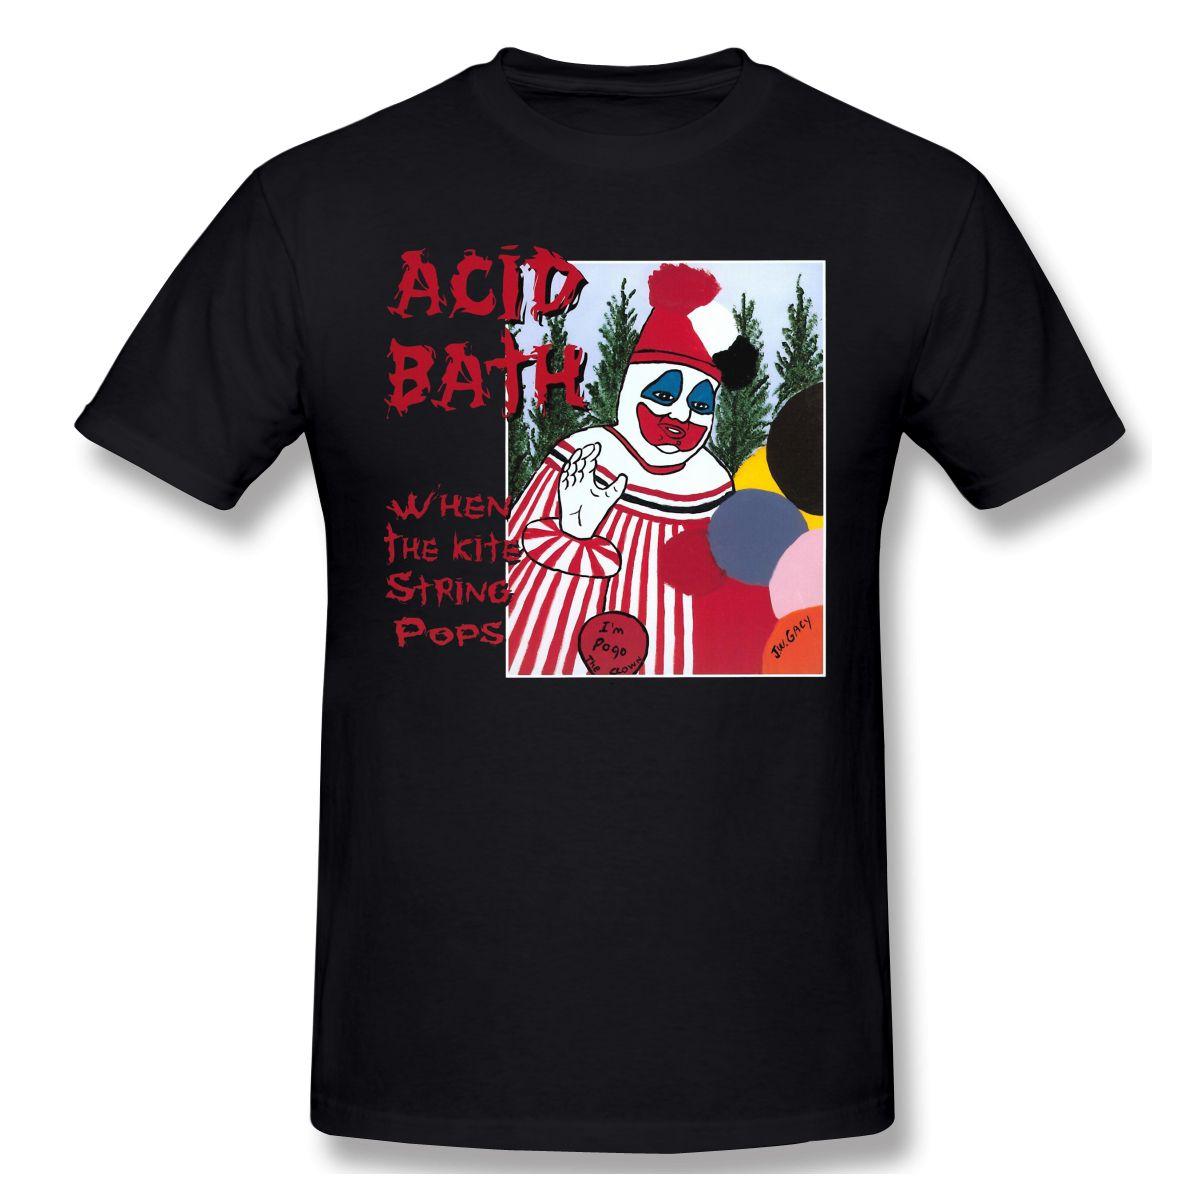 Acid Bath cuando la cometa cadena Pops camiseta de los hombres camiseta básica camisa divertida Diseño fatalidad Streetwear Imprimir Homme superior del envío libre